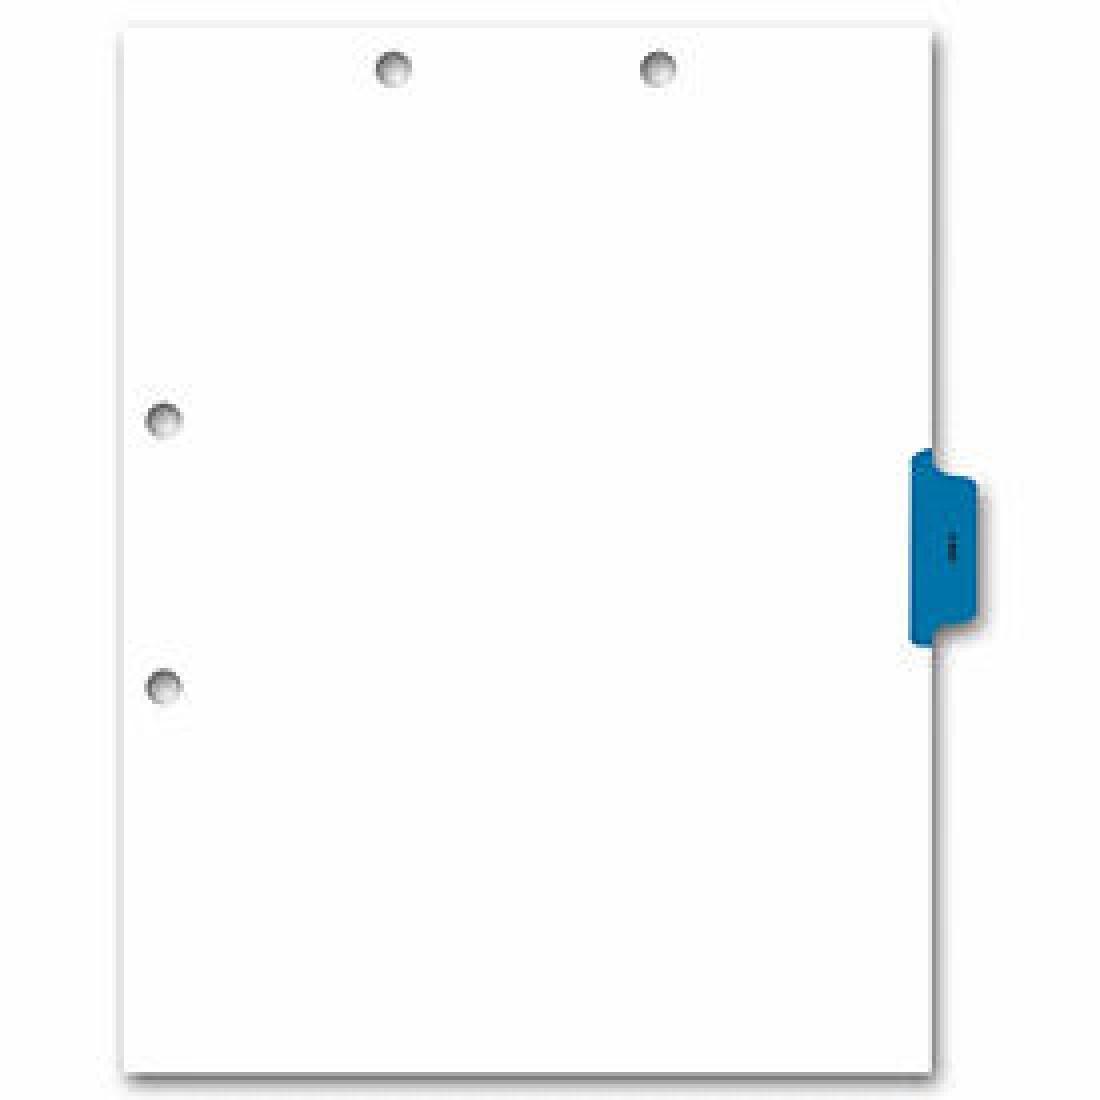 X-RayTab (Item #3315) - Business Checks Supplies  - Business Checks